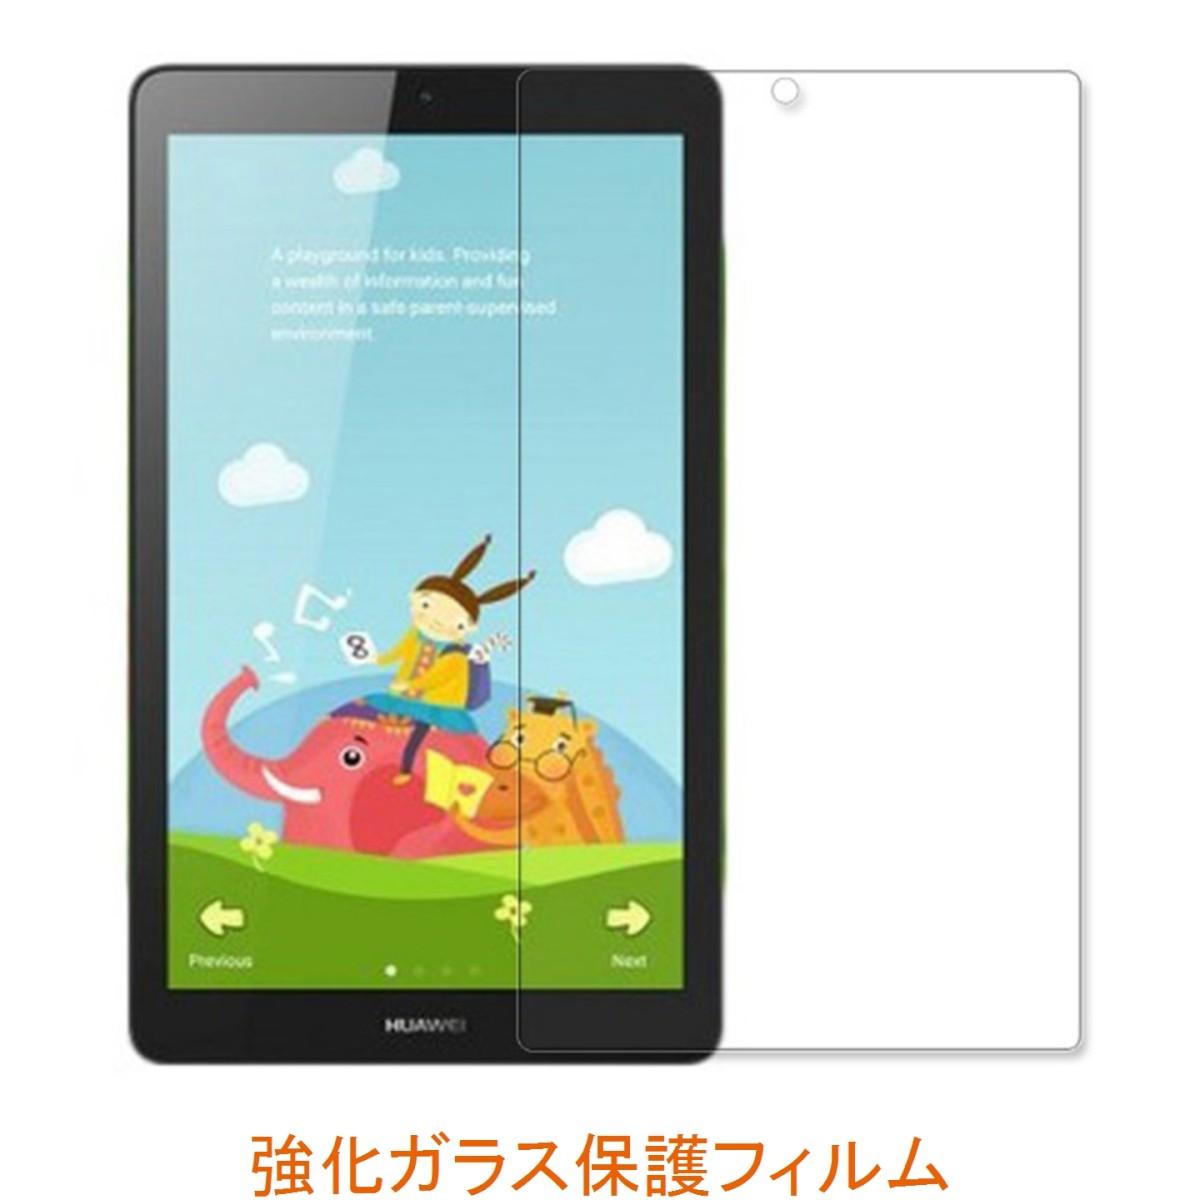 メール便送料無料 HUAWEI MediaPad T3 7.0インチ 2.5D 液晶保護フィルム 強化ガラス 開店祝い 0.33mm 安い 激安 プチプラ 高品質 9H